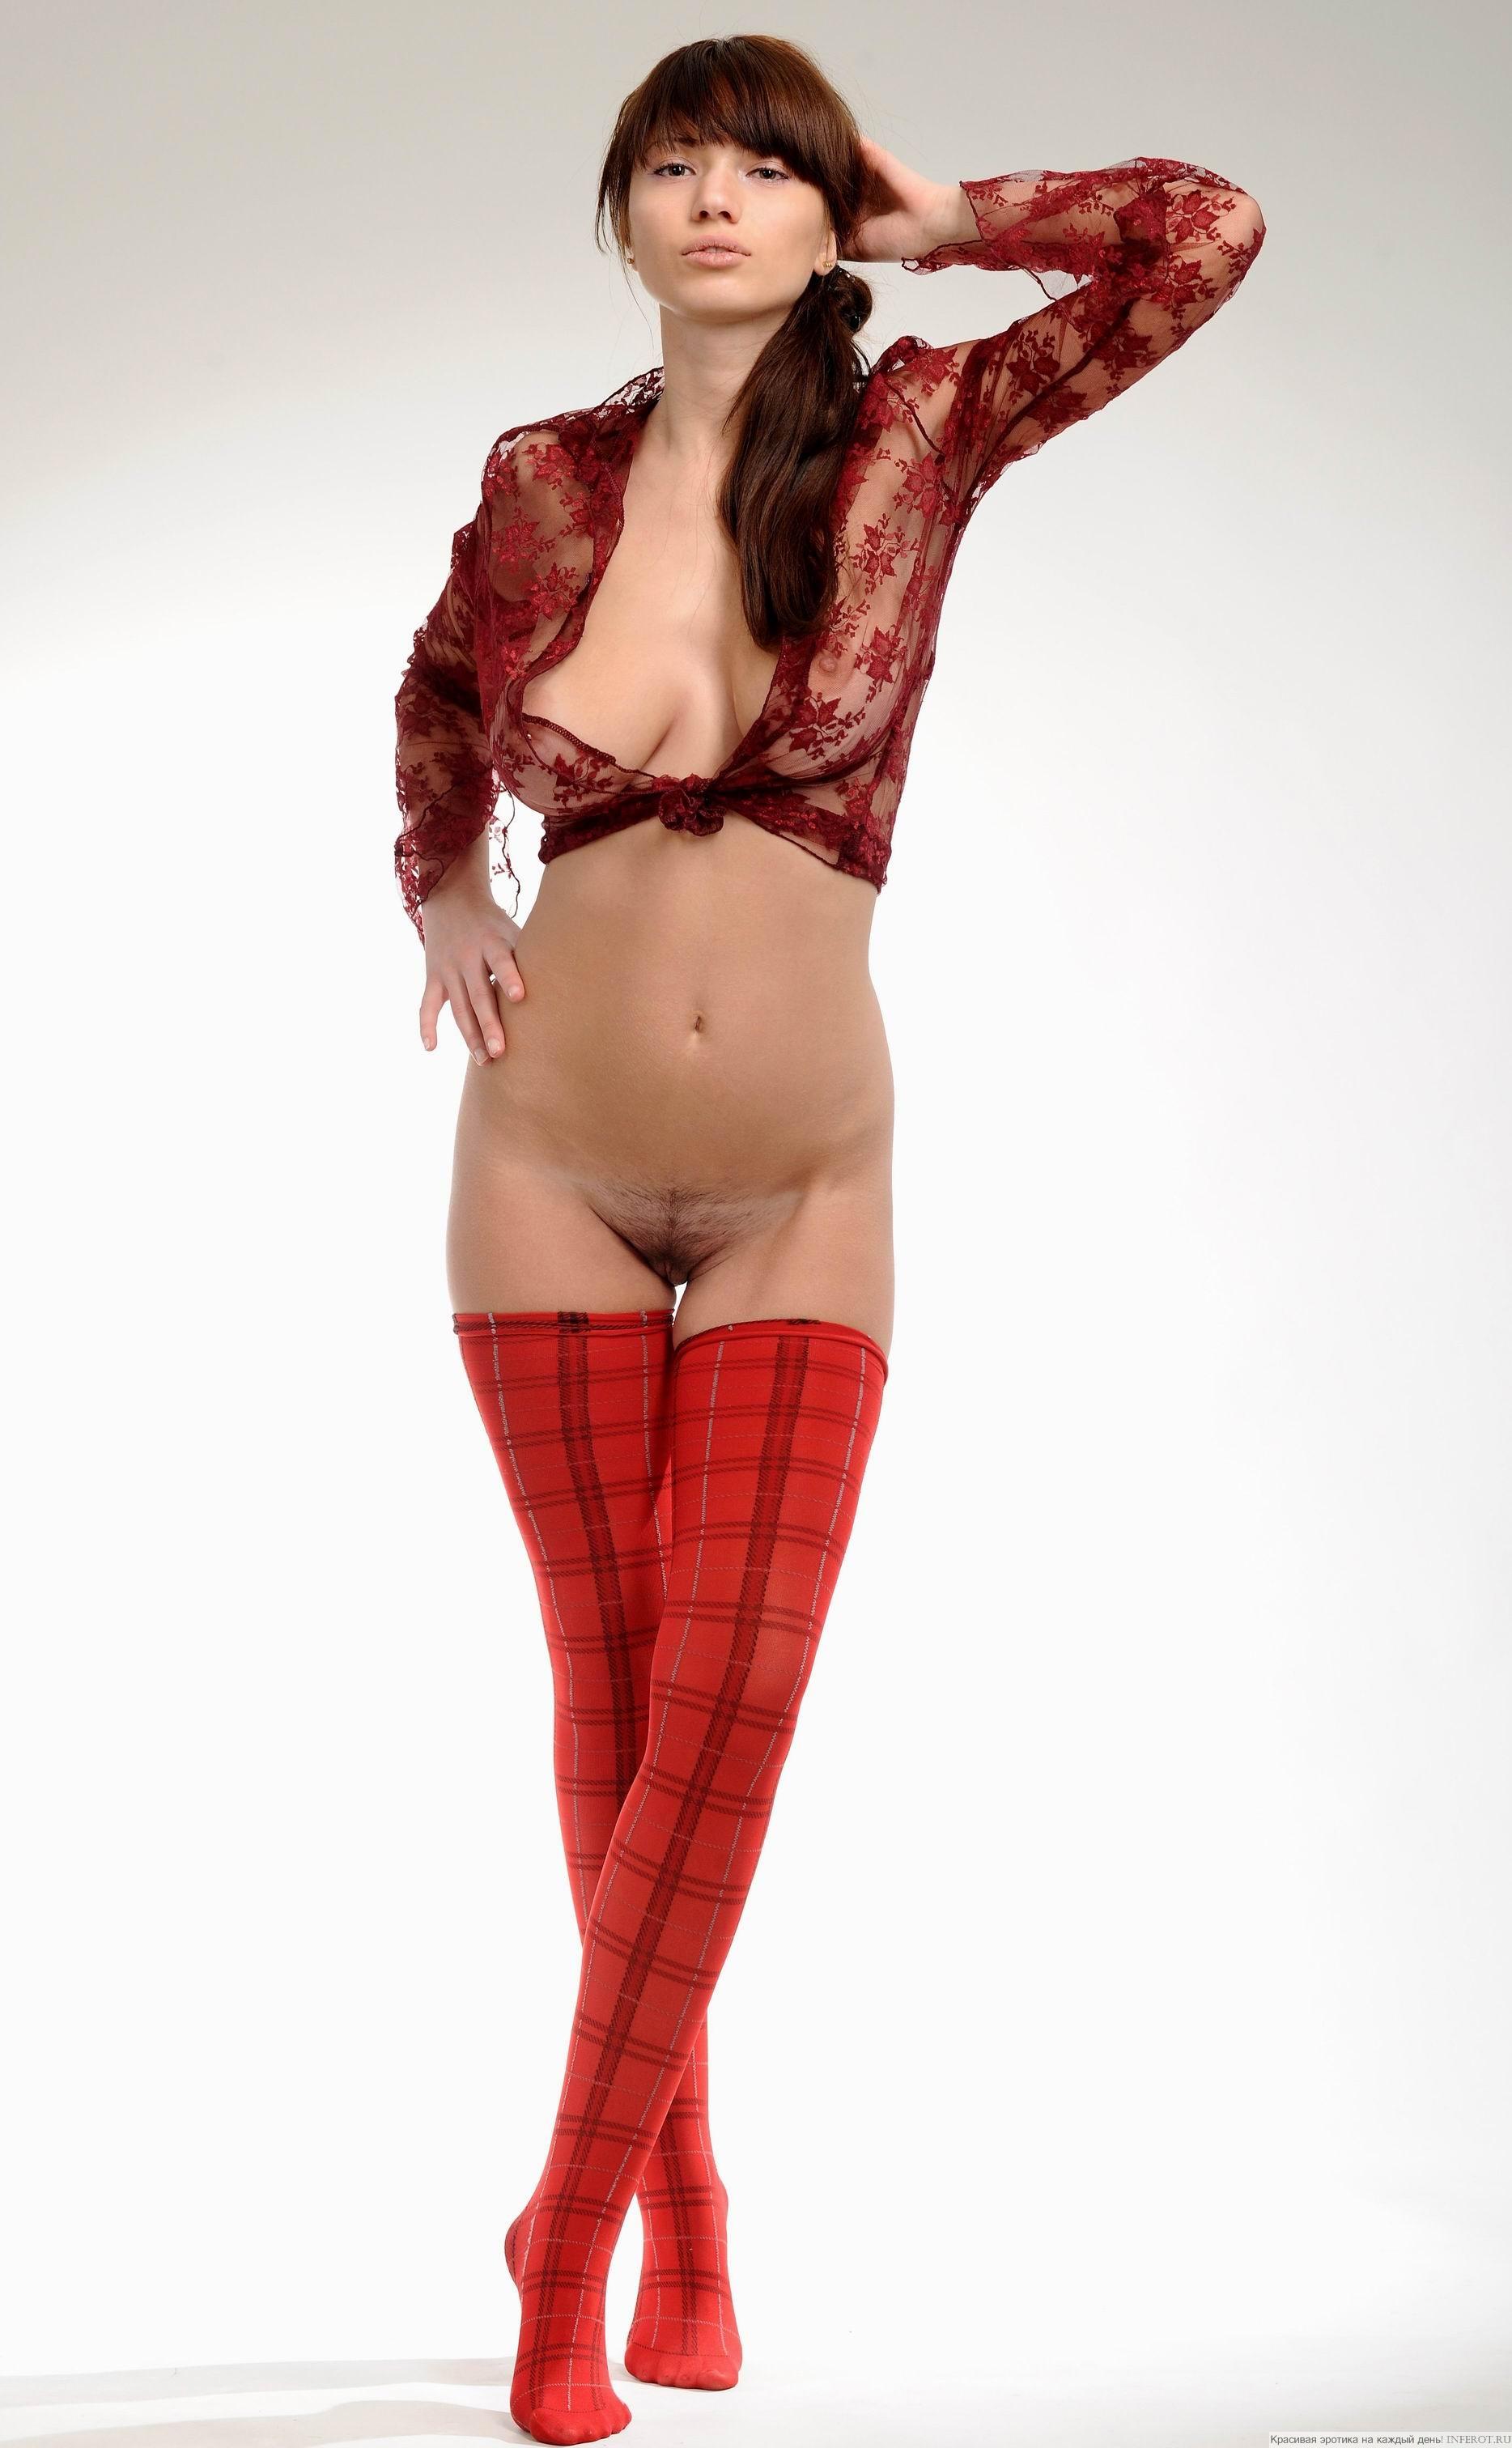 Прозрачной блузке и без трусов 13 фотография